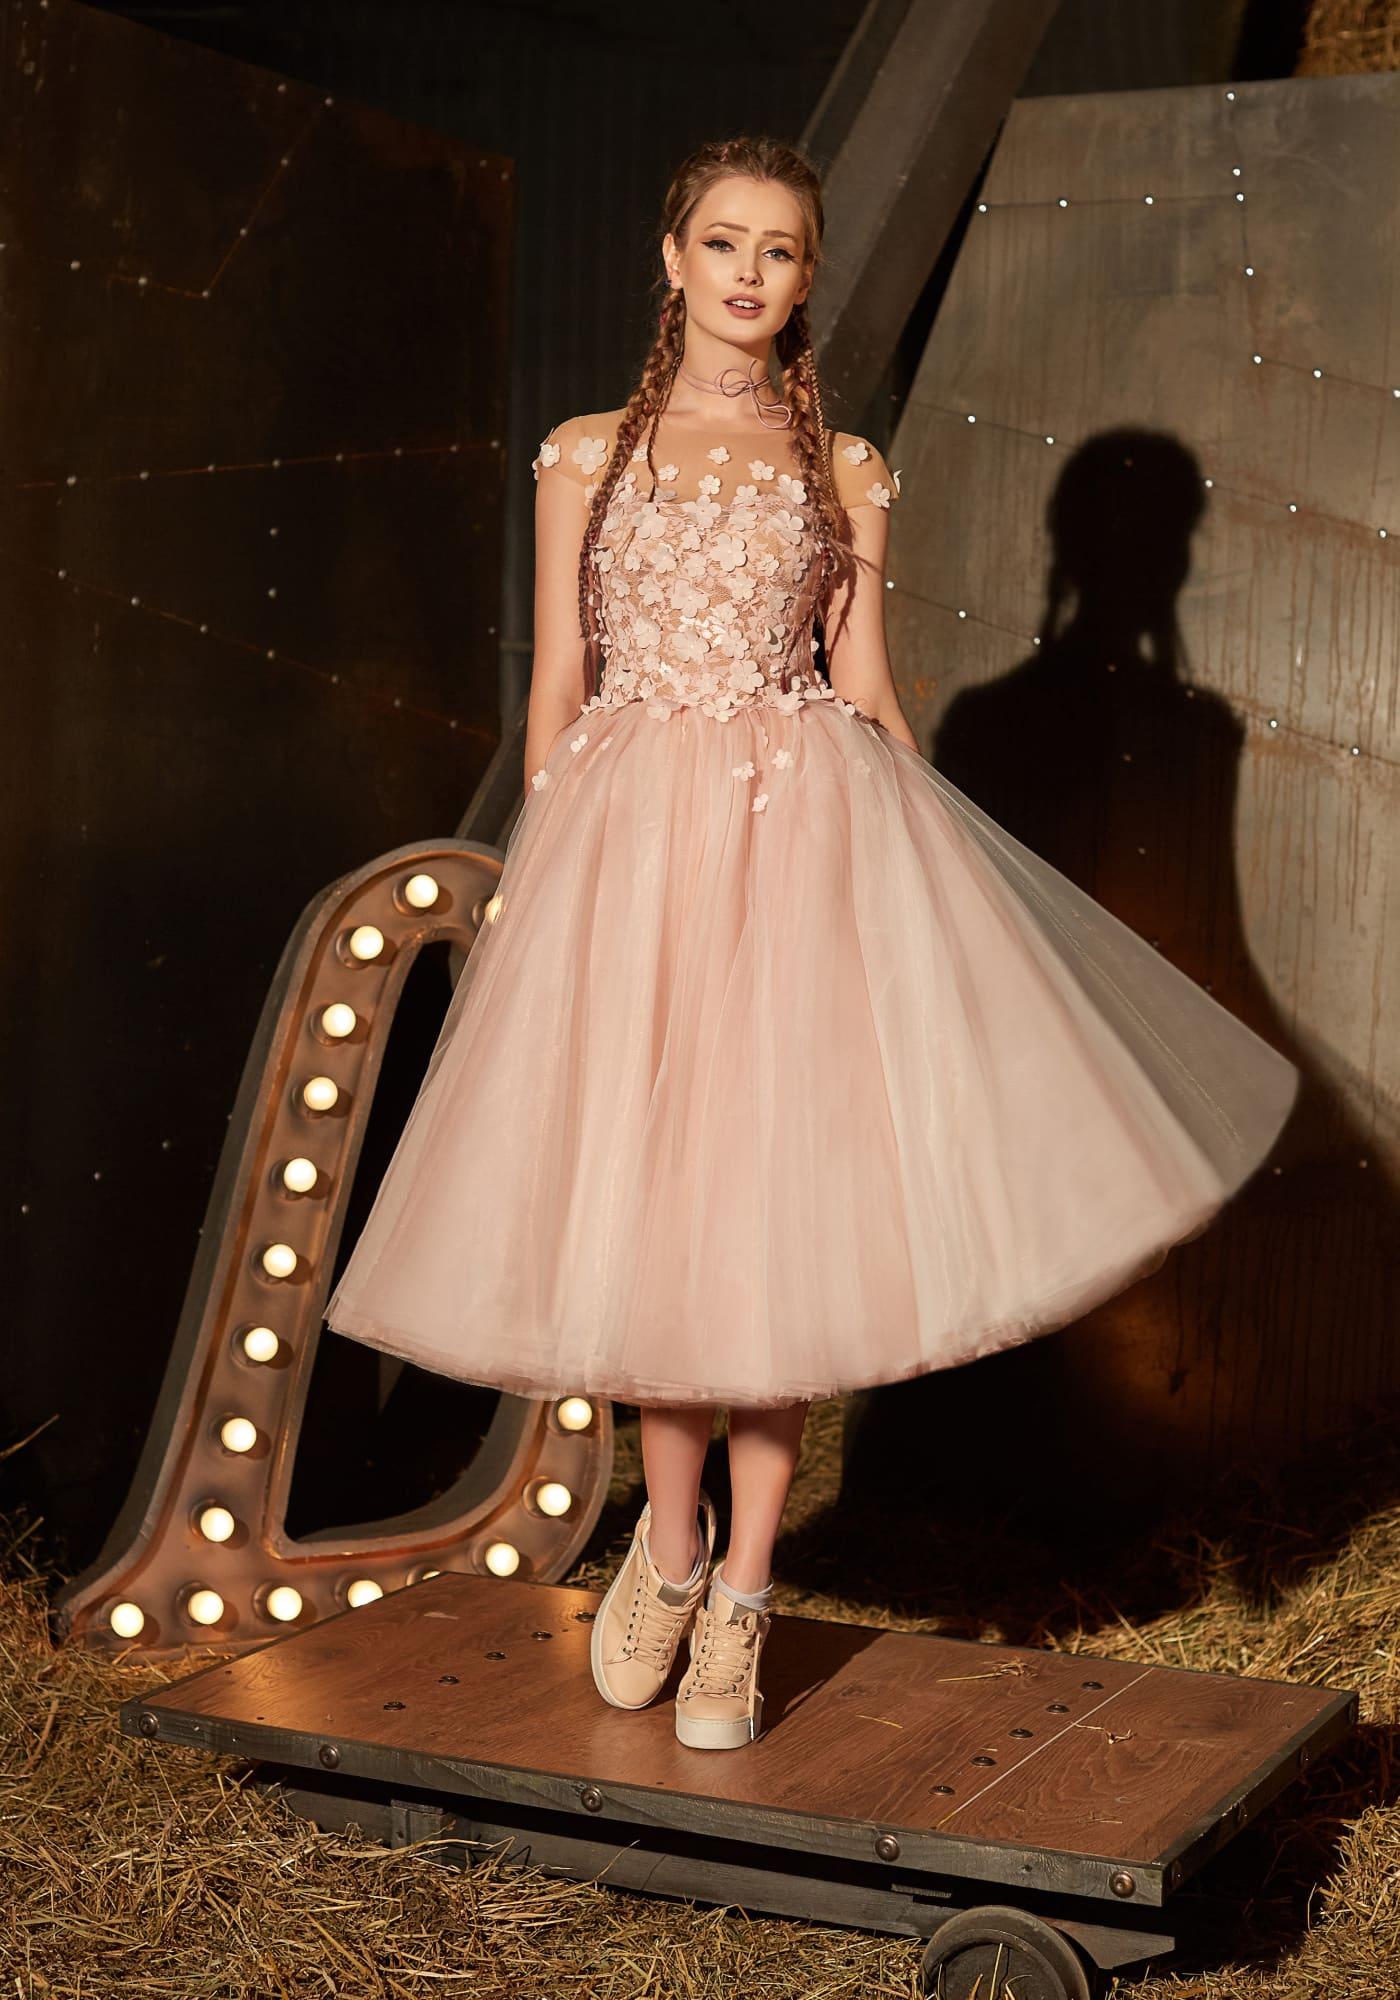 2a0f309092d4b Розовое вечернее платье с объемной отделкой бутонами и объемной юбкой миди.